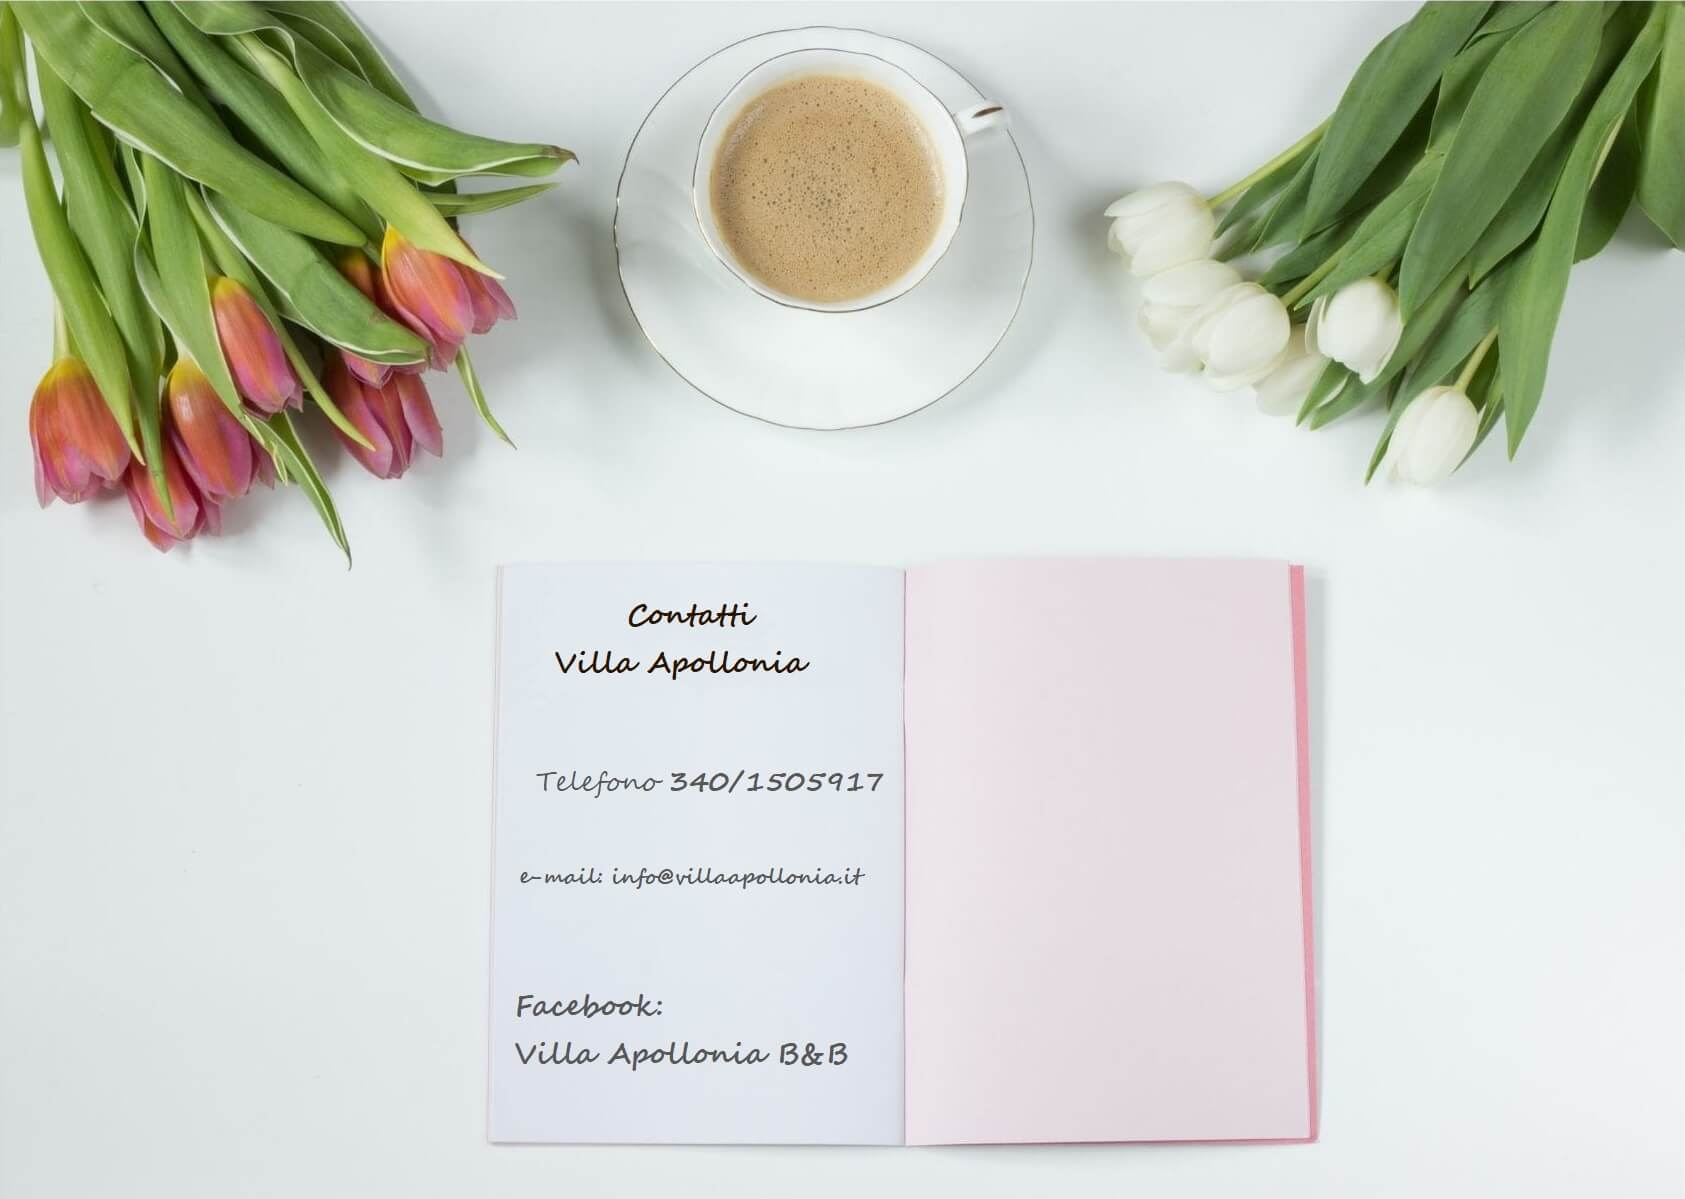 Villa-apollonia - Contatti